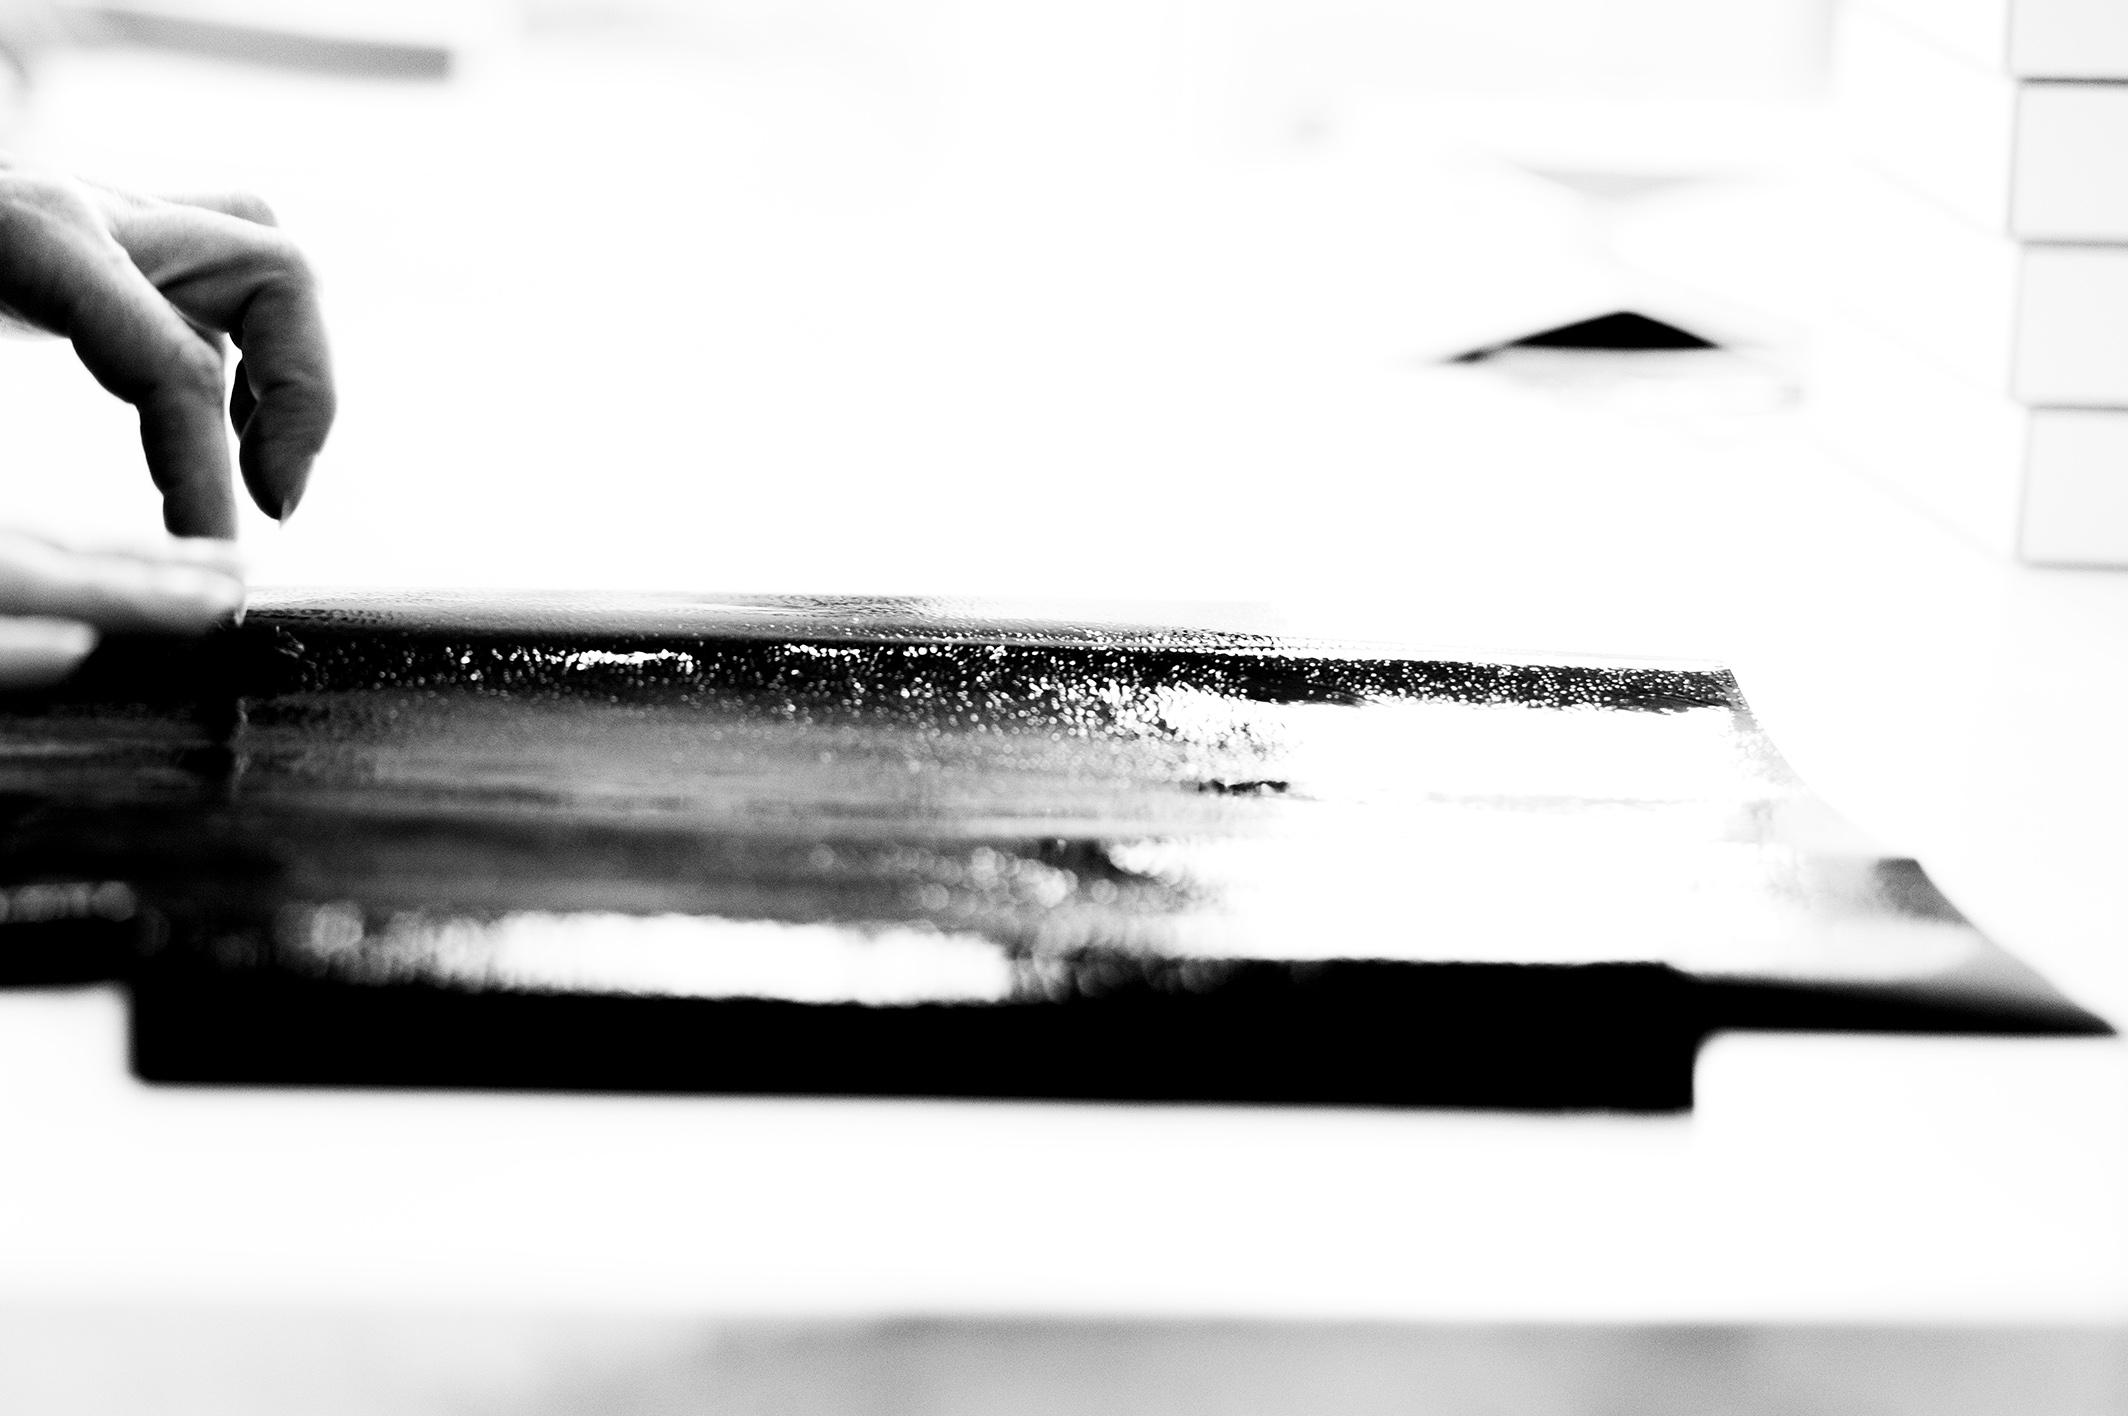 Deckblatt kurz antrocknen lassen.